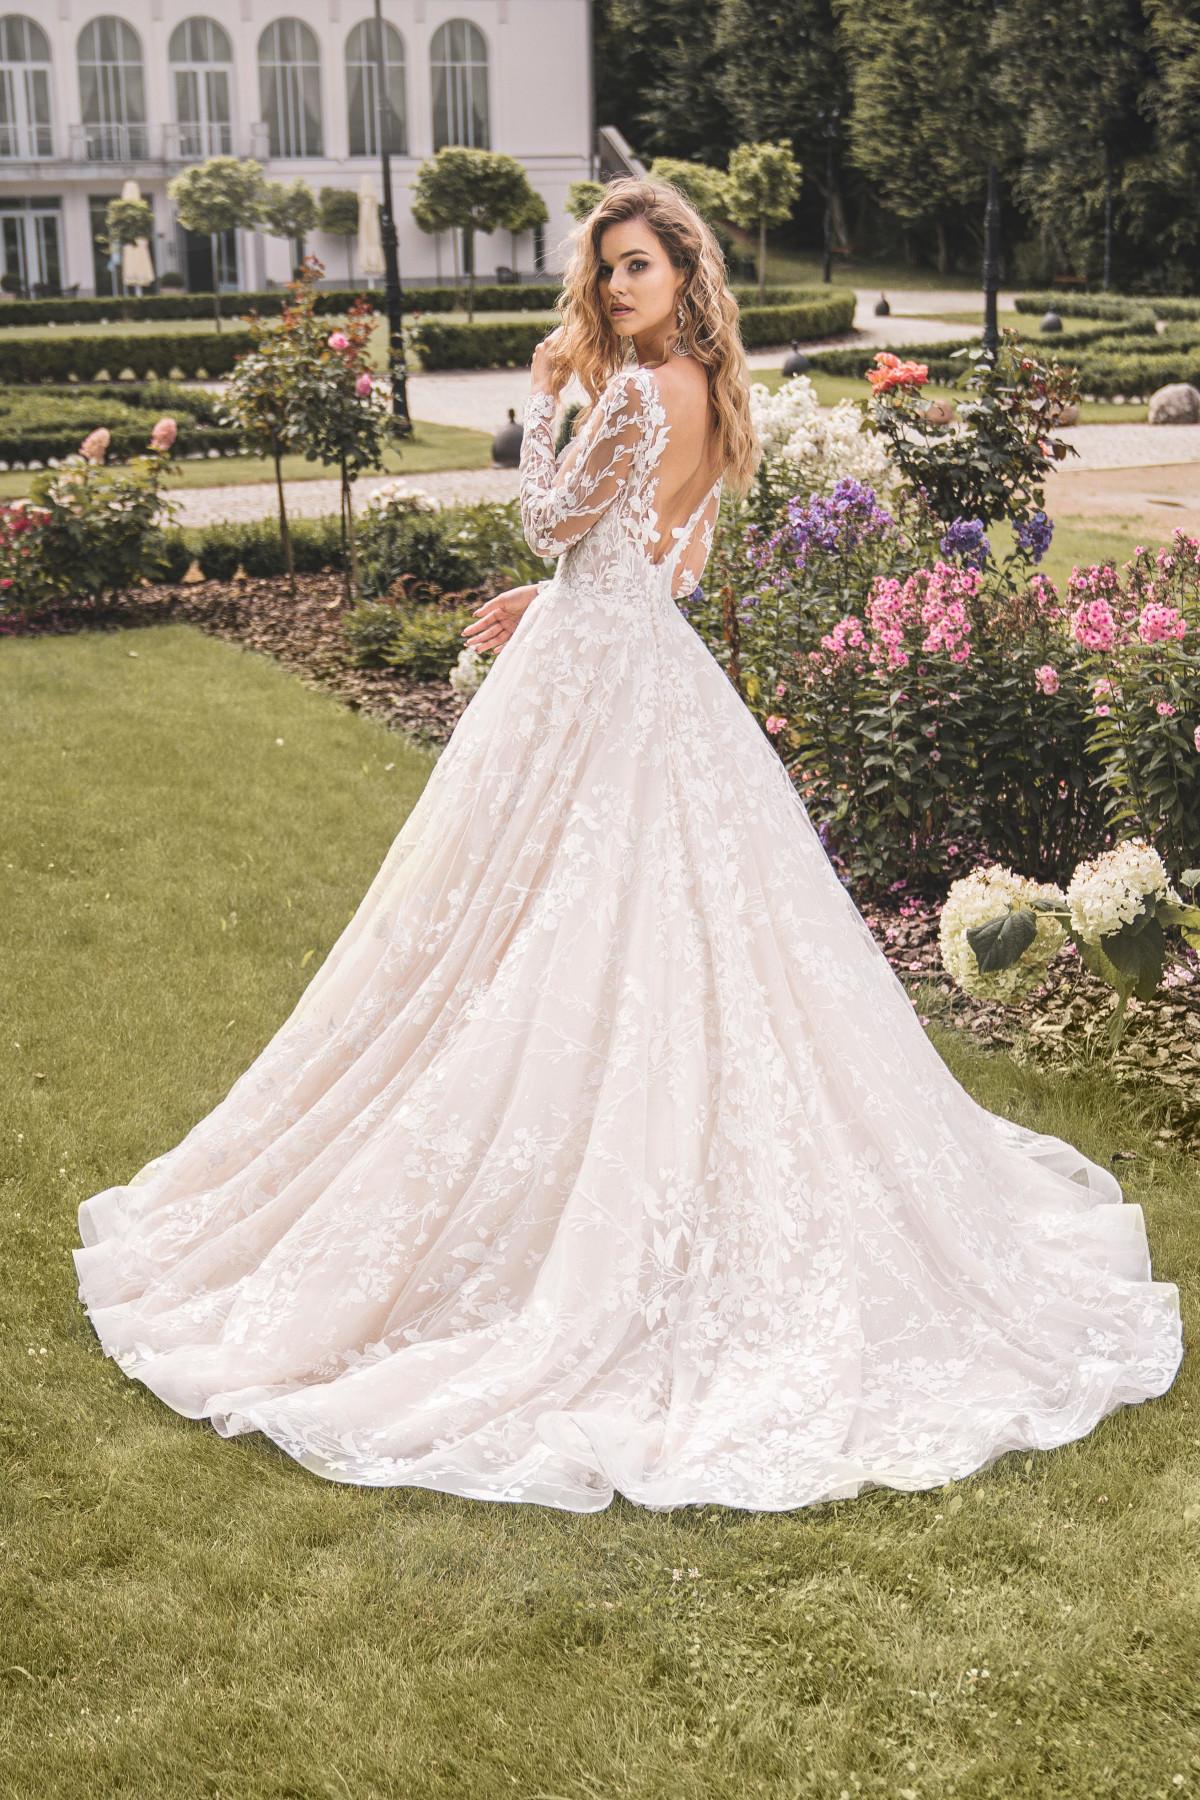 Hochzeitskleid mit langer Schleppe und ausladendem Rock – gesehen bei frauimmer-herrewig.de